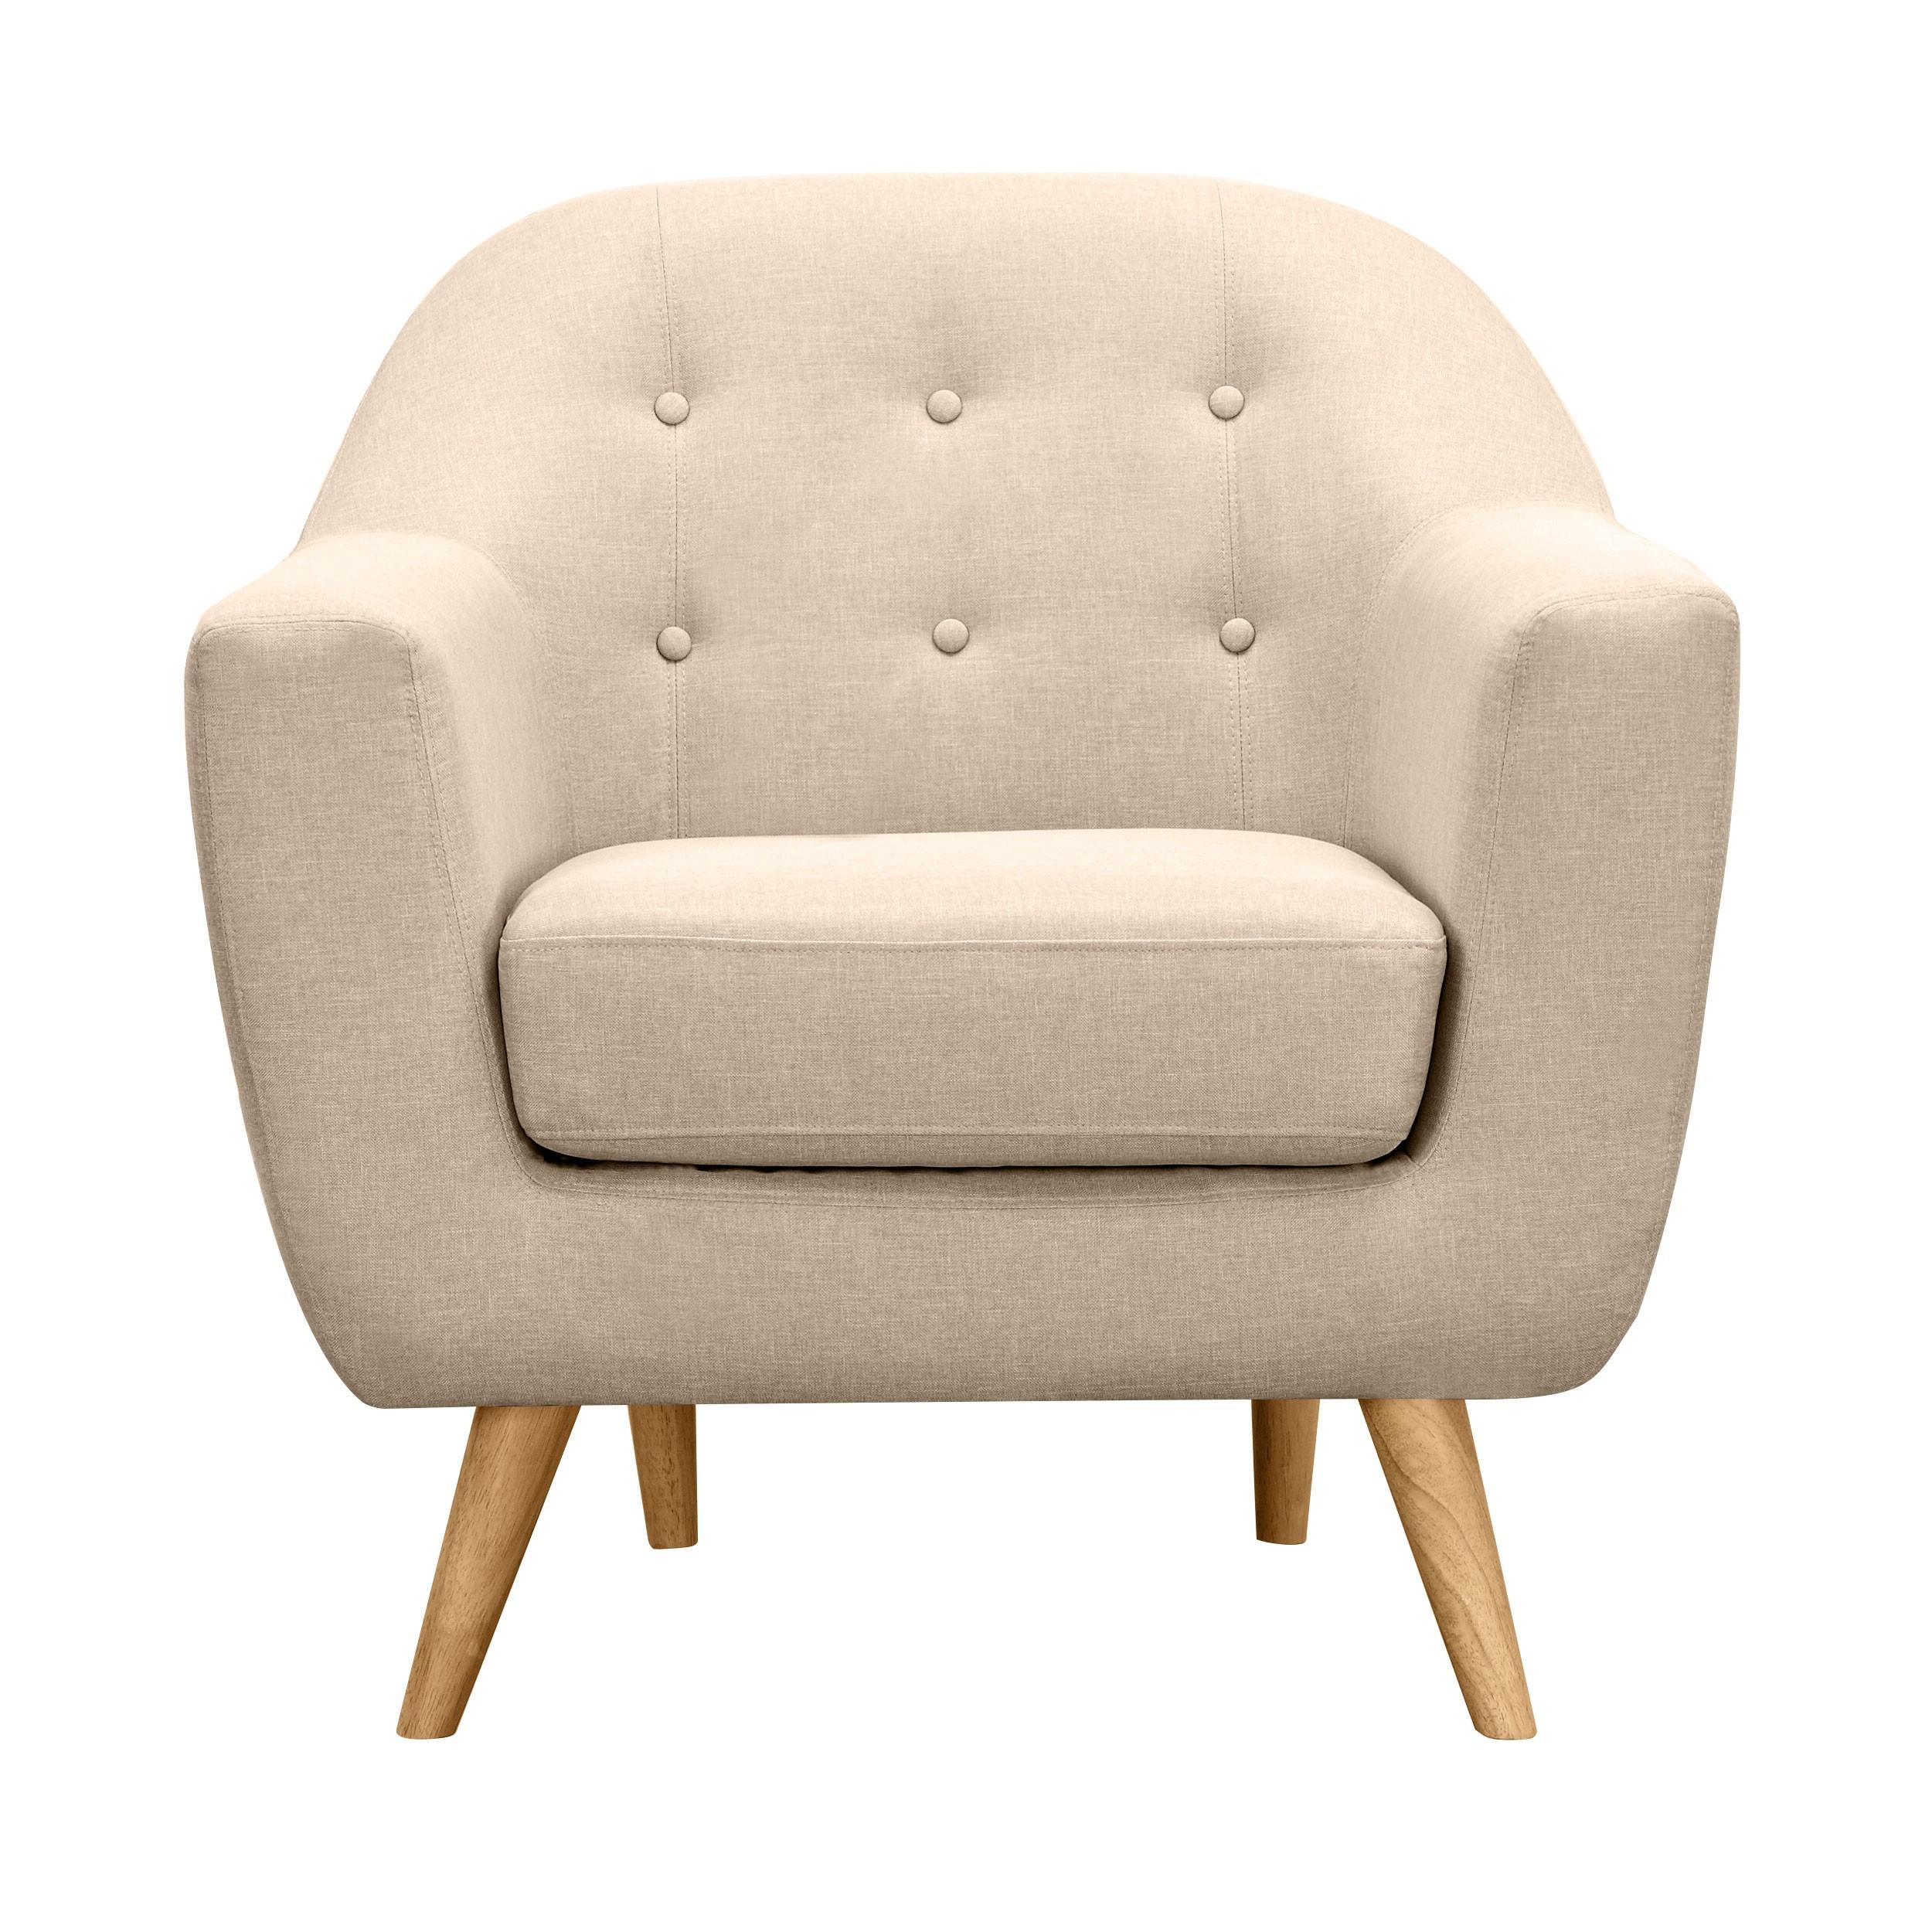 Fauteuil Rio beige optez pour nos fauteuils Rio beiges  prix